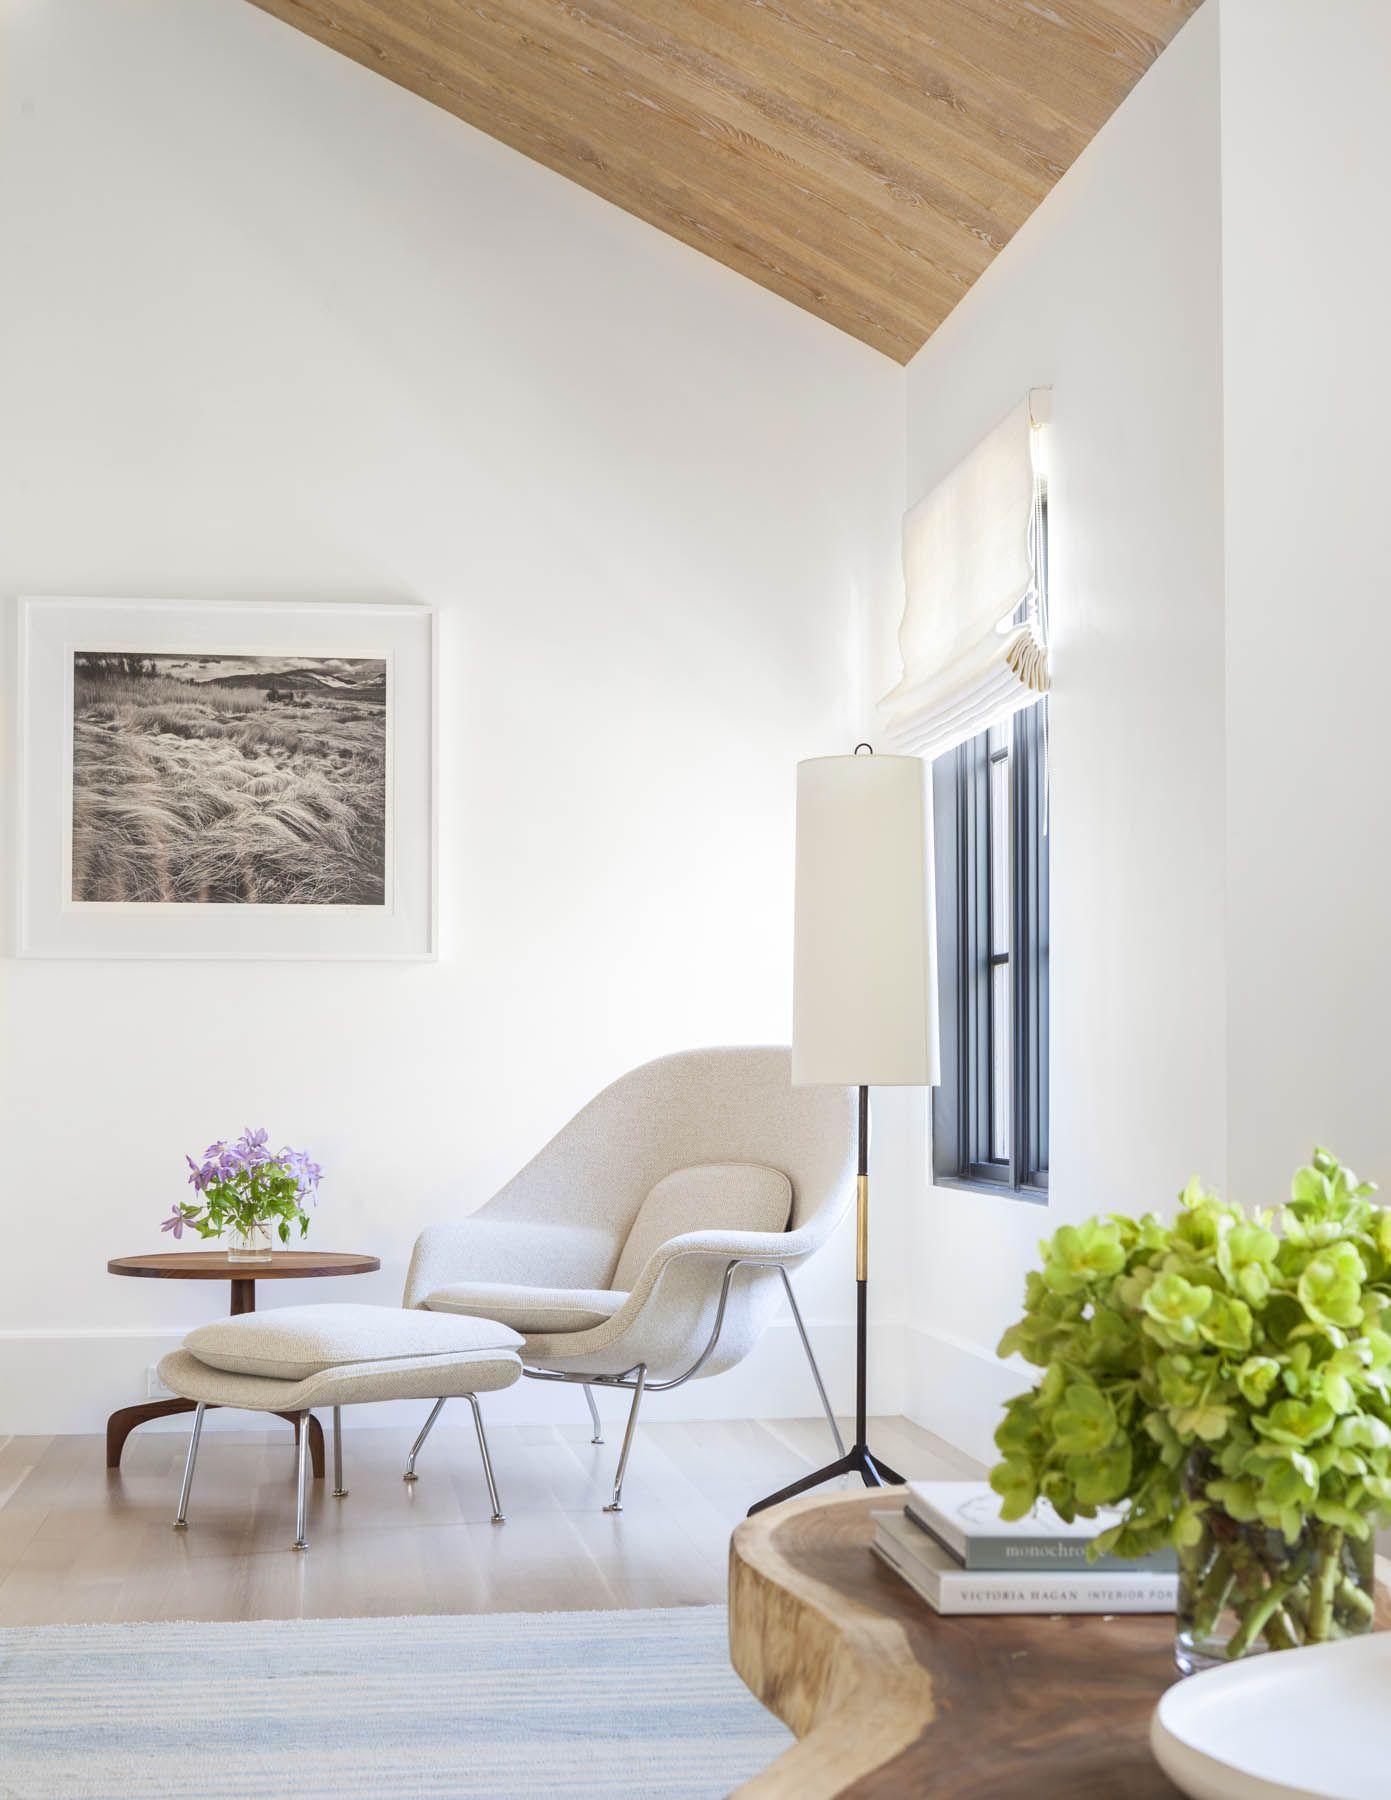 3521 colgate image 15 home design mediterranean style homes rh pinterest nz